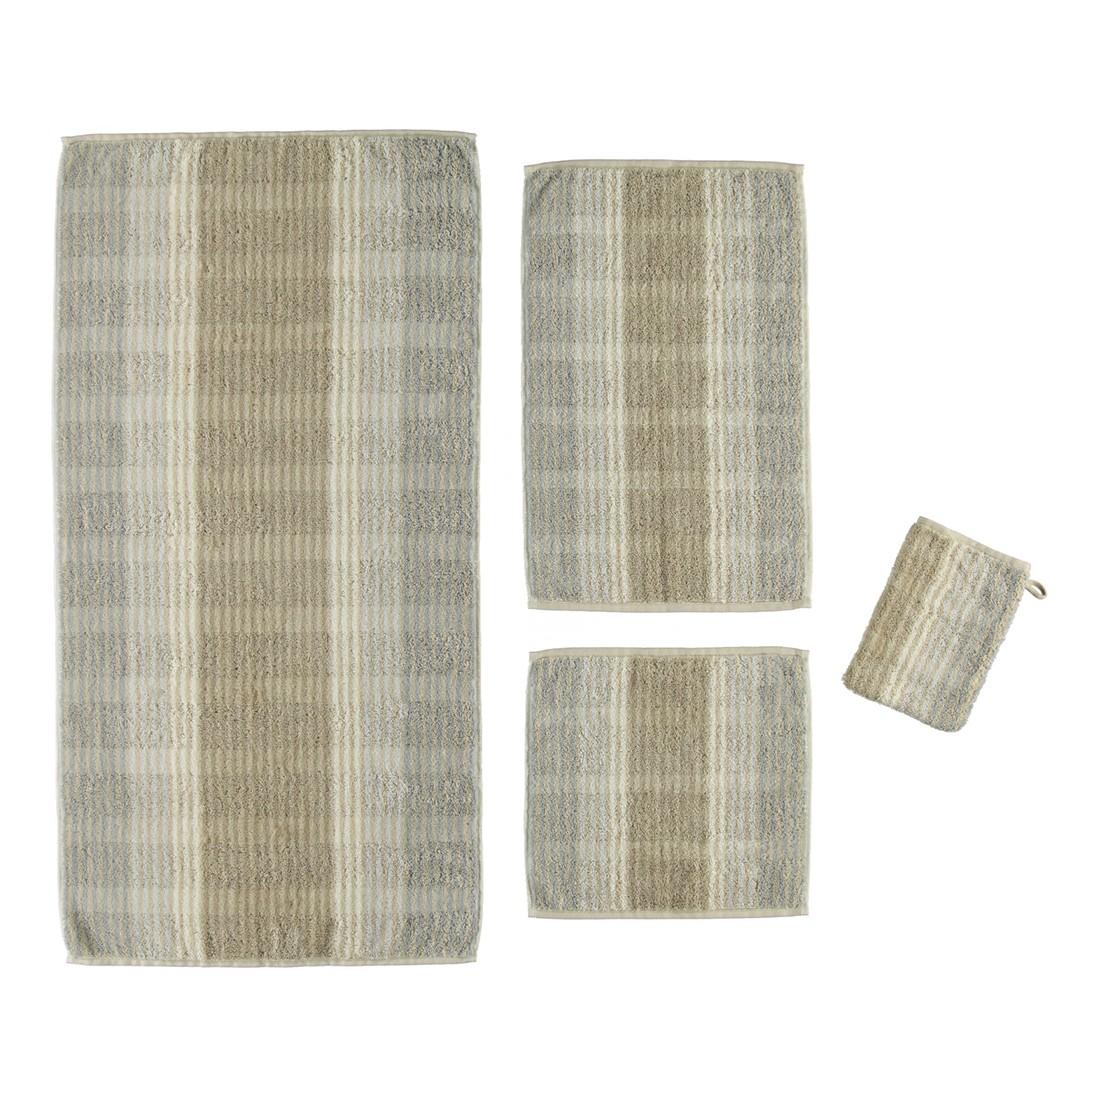 Handtuch Noblesse Cashmere Streifen 1056 – 100% Baumwolle Sand – 33 – Duschtuch: 80 x 150 cm, Cawö jetzt kaufen